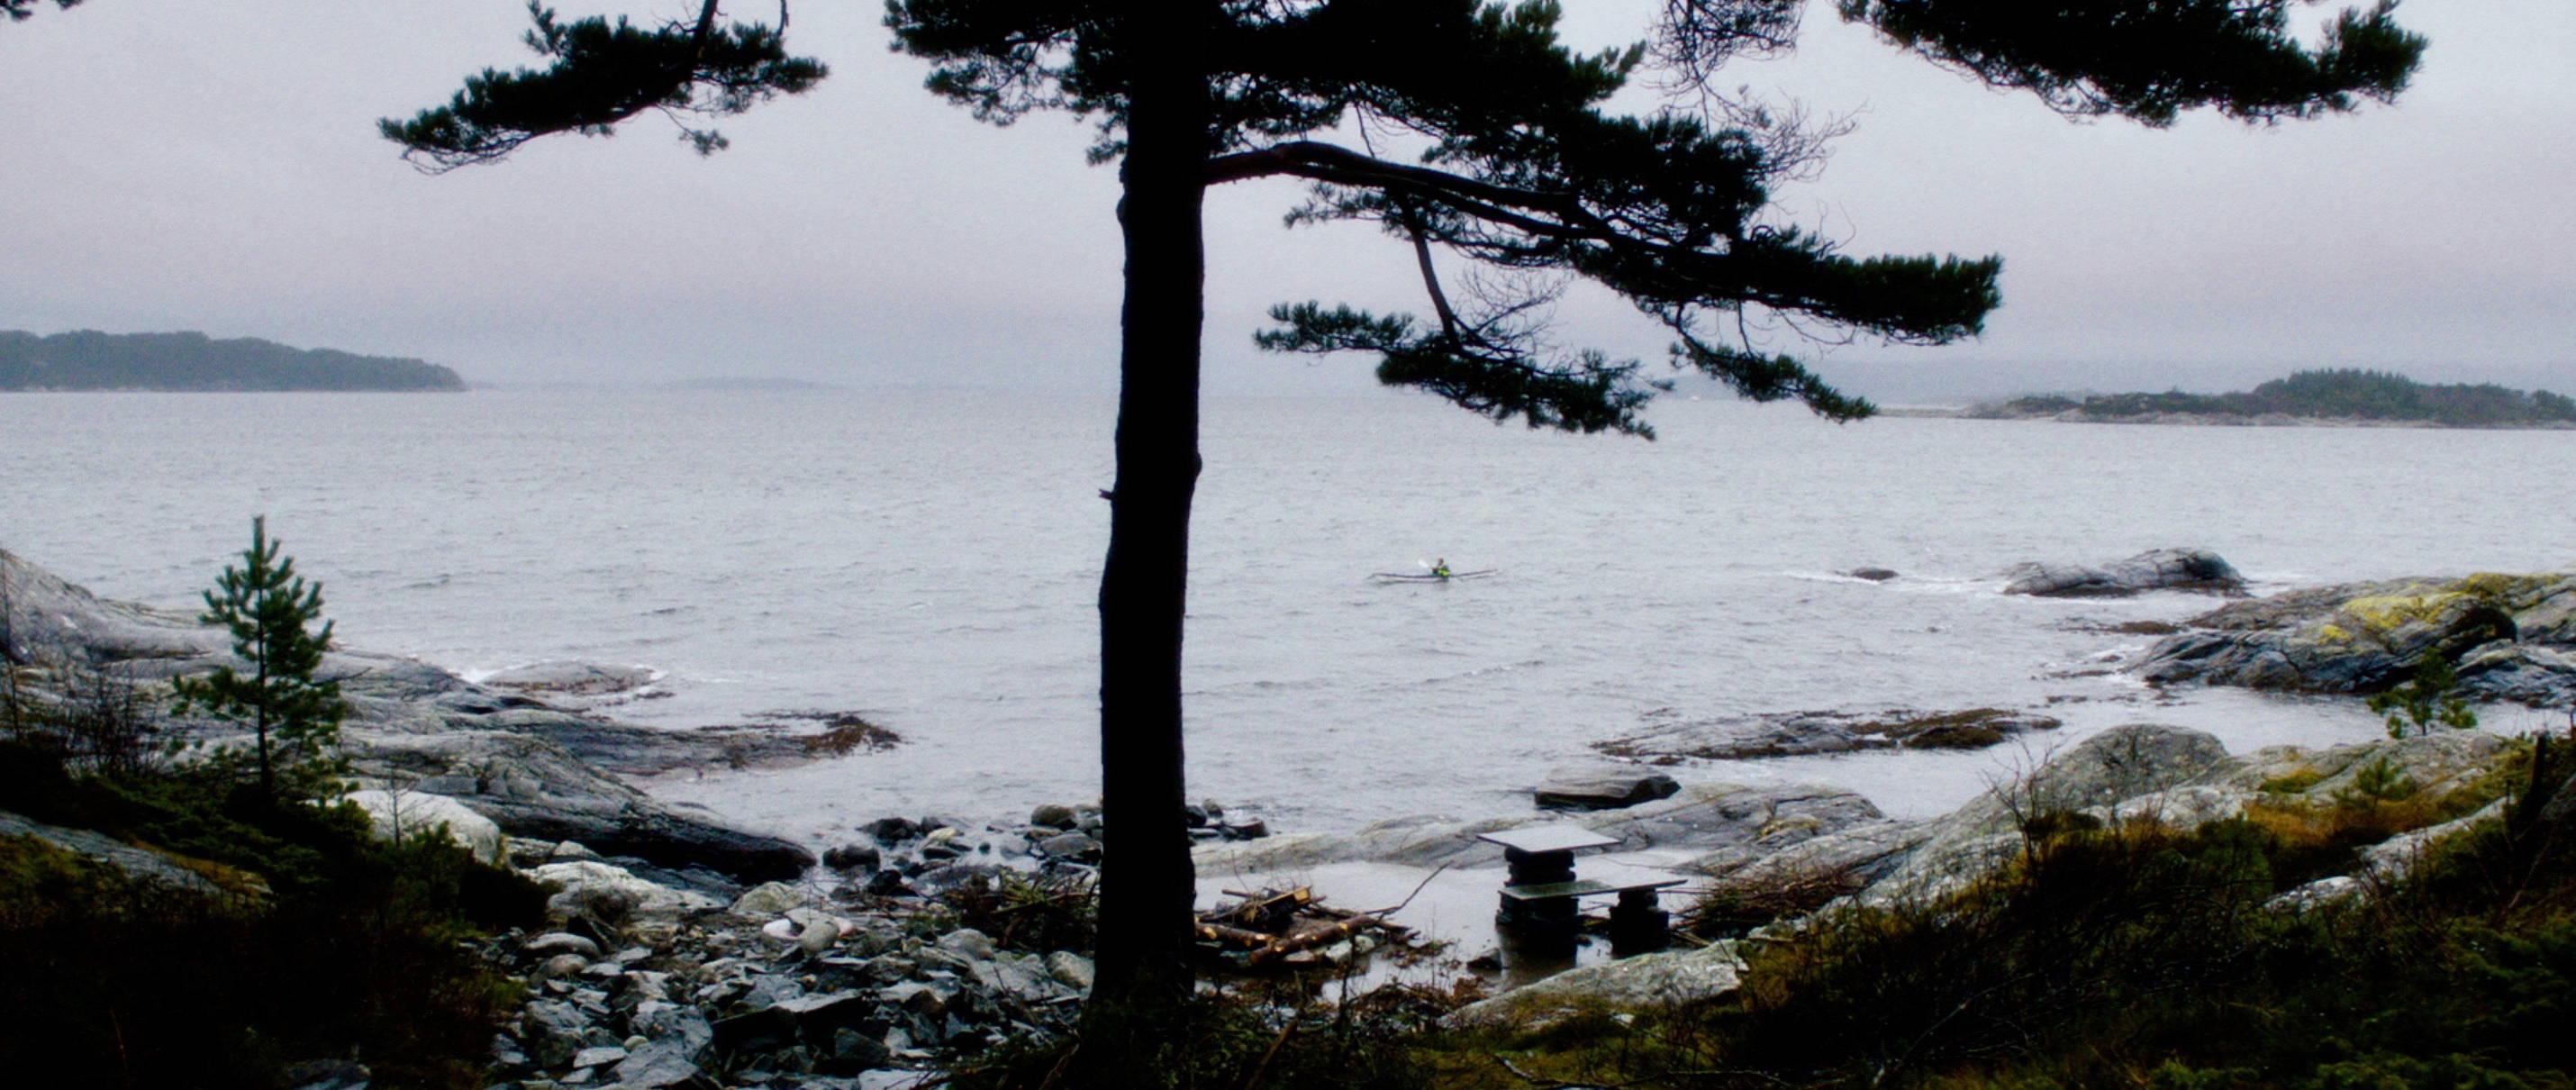 Zwei Leben - Two Lives - Katrine im Kanu auf dem Meer - Regie Georg Maas - Regie und Kamera Judith Kaufmann